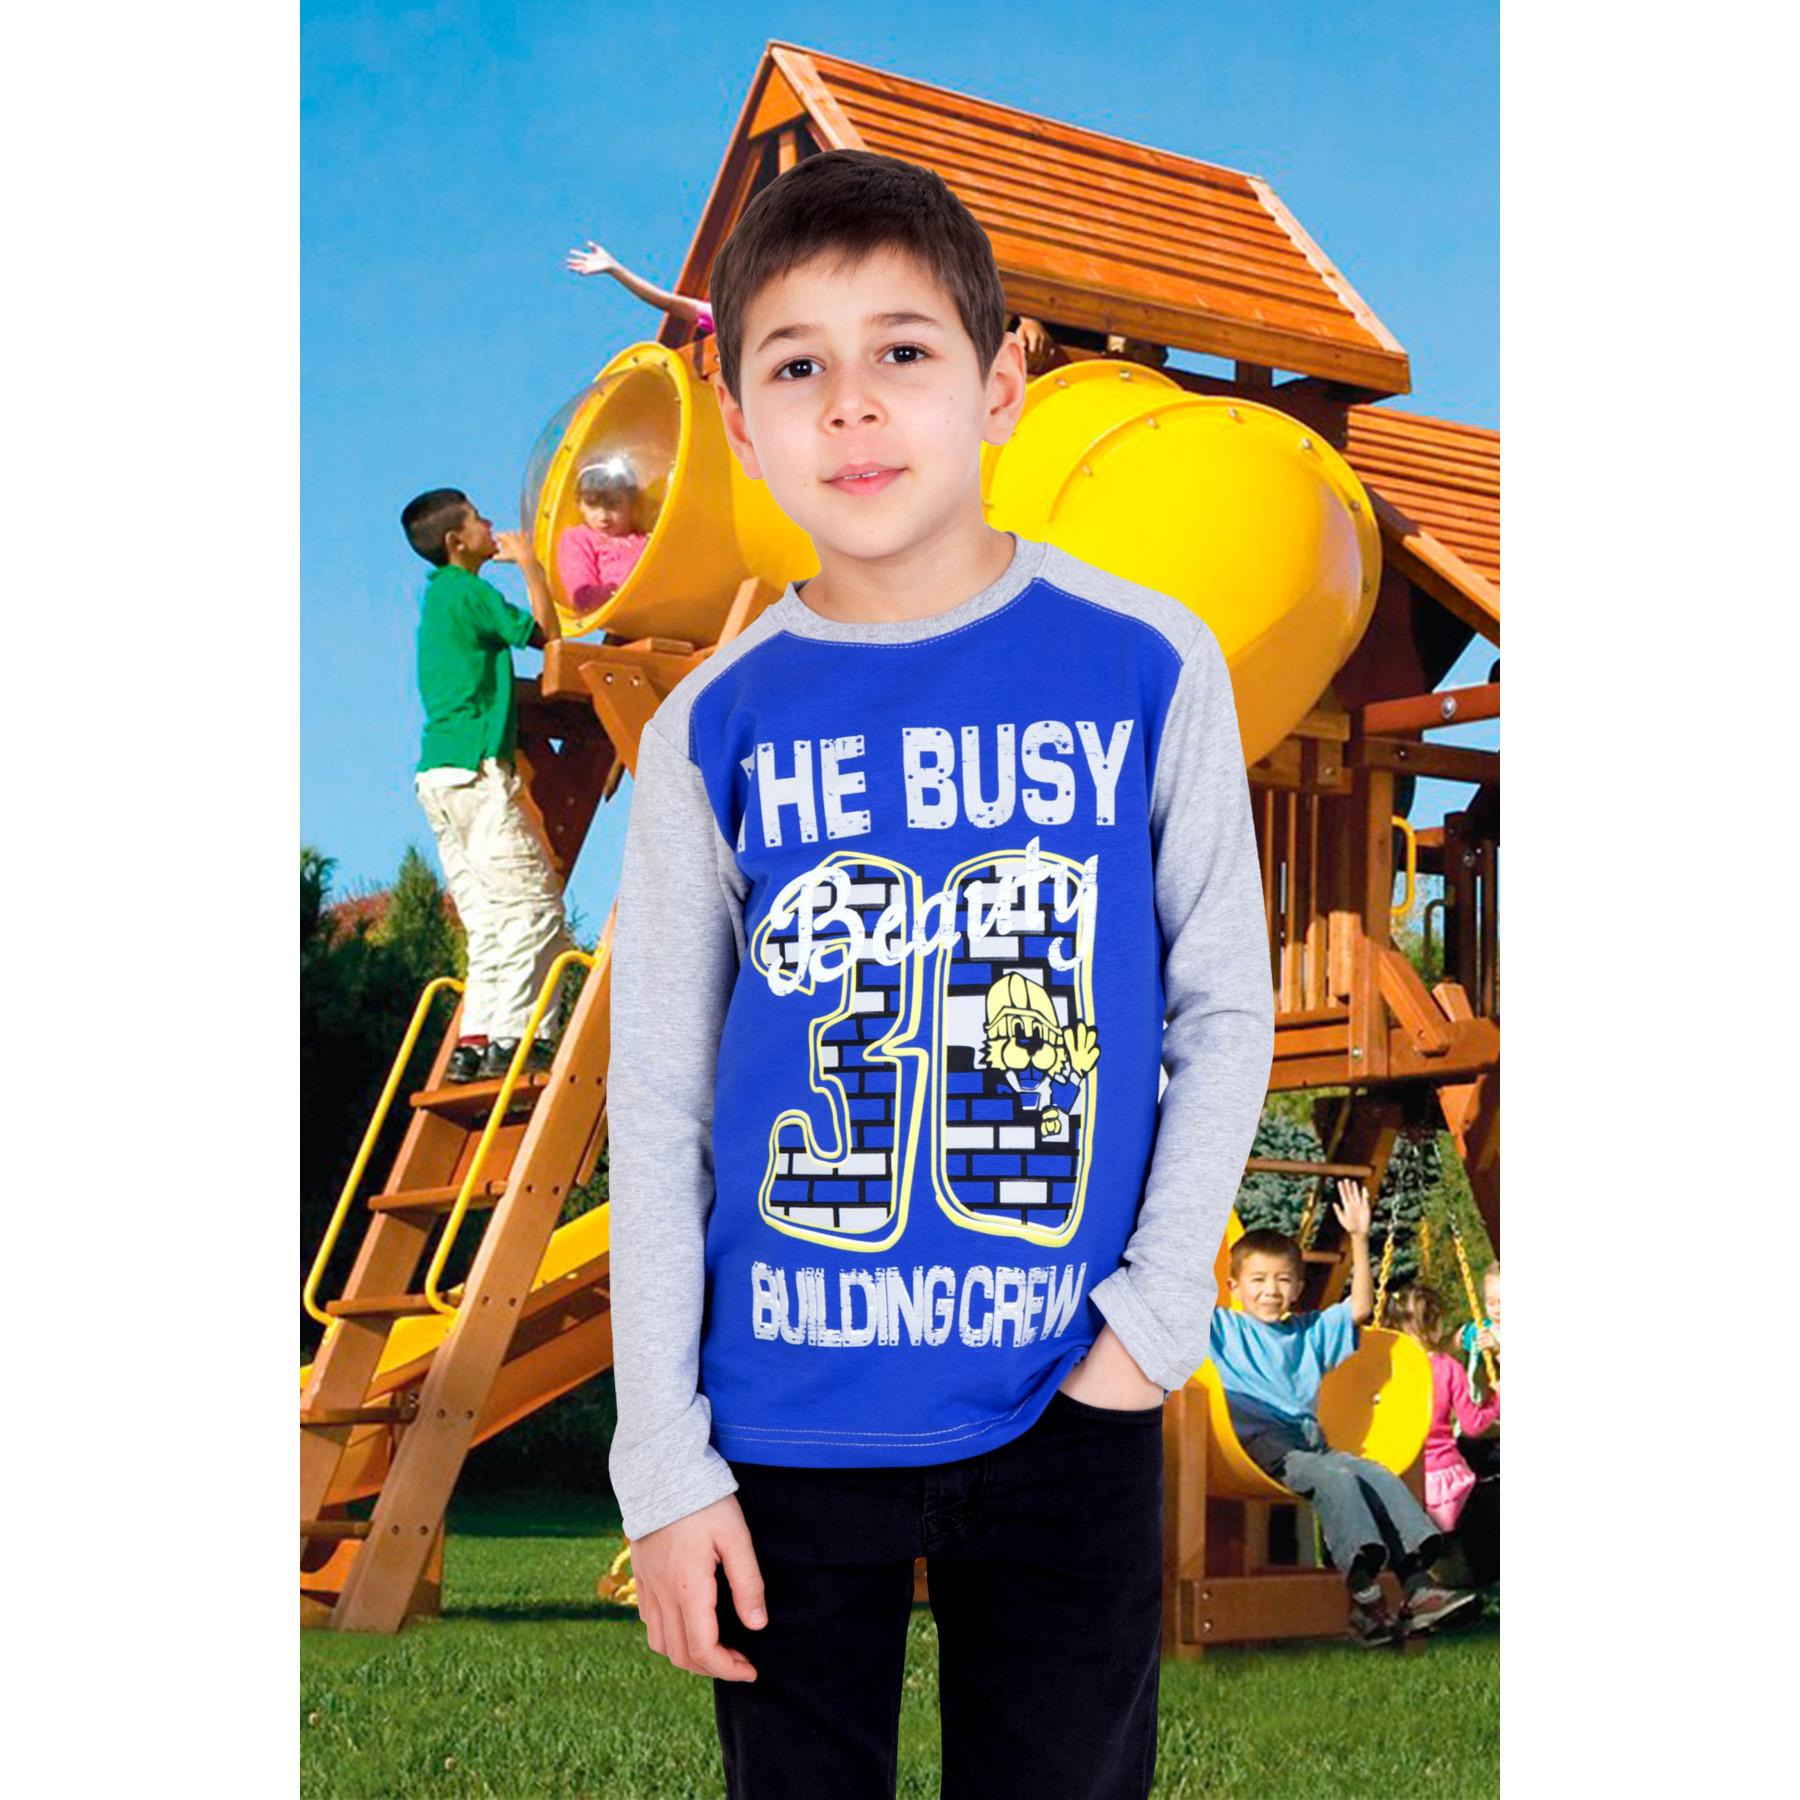 Детская толстовка Строитель Синий, размер 32Толстовки, джемпера и рубашки<br><br><br>Тип: Дет. толстовка<br>Размер: 32<br>Материал: Футер